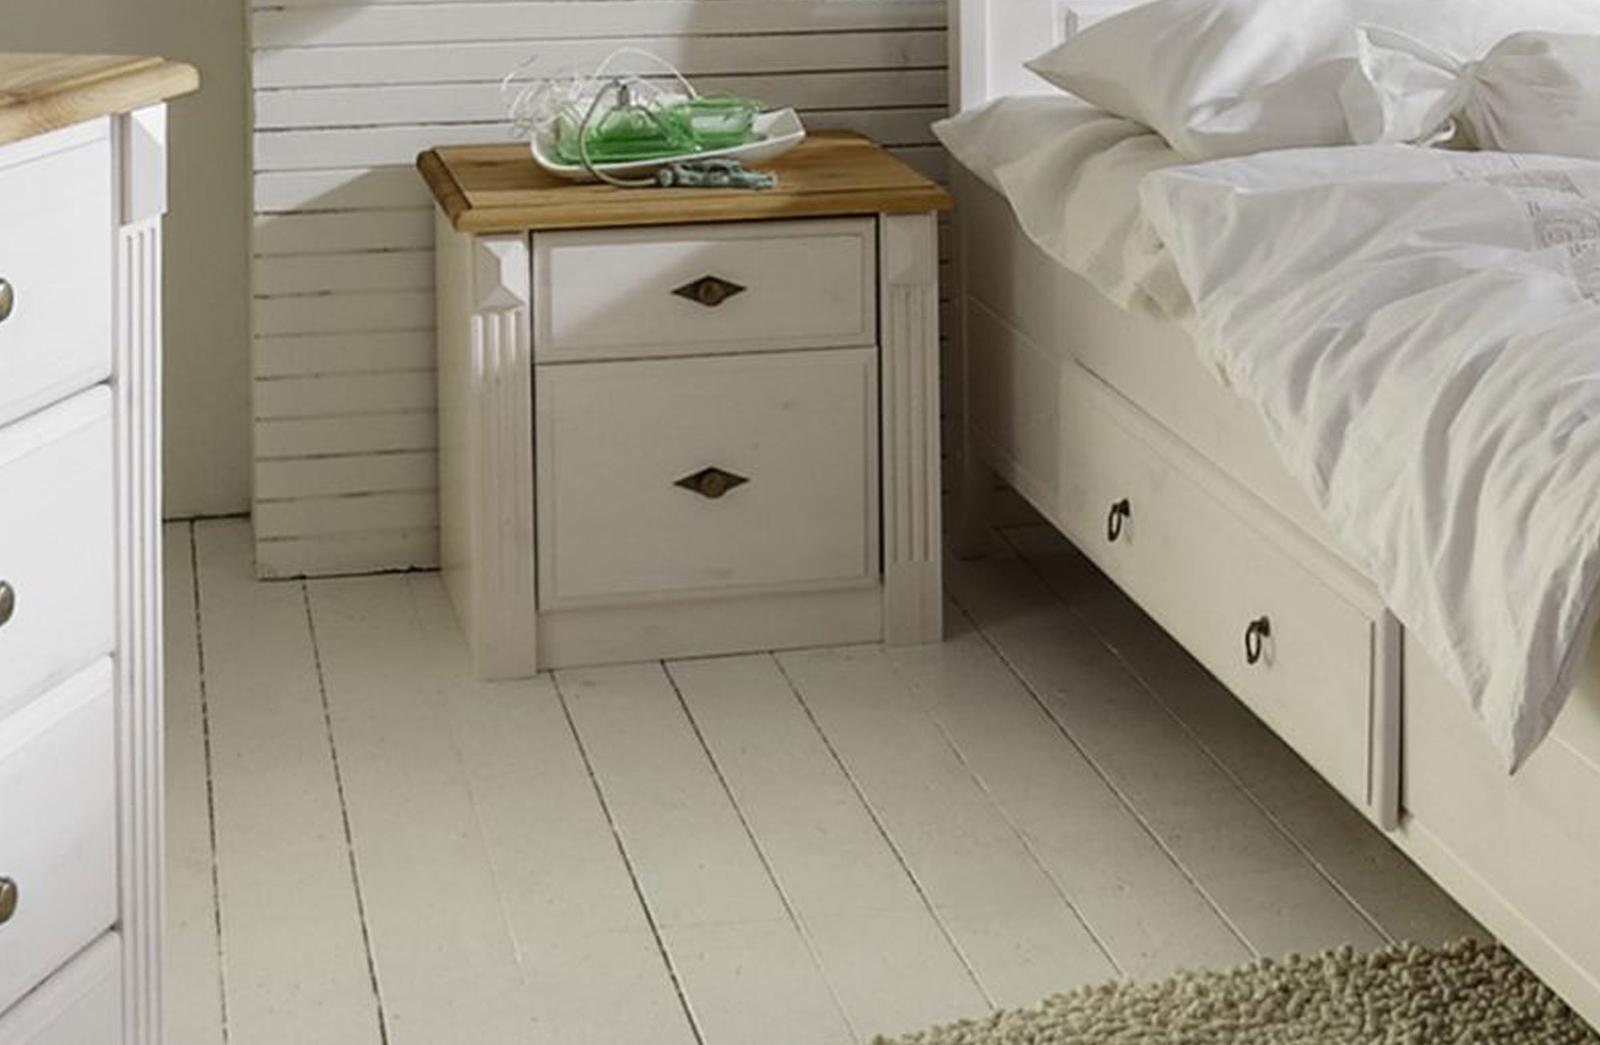 Schlafzimmer im Landhausstil Eva weiß gelaugt geölt, Bild 5